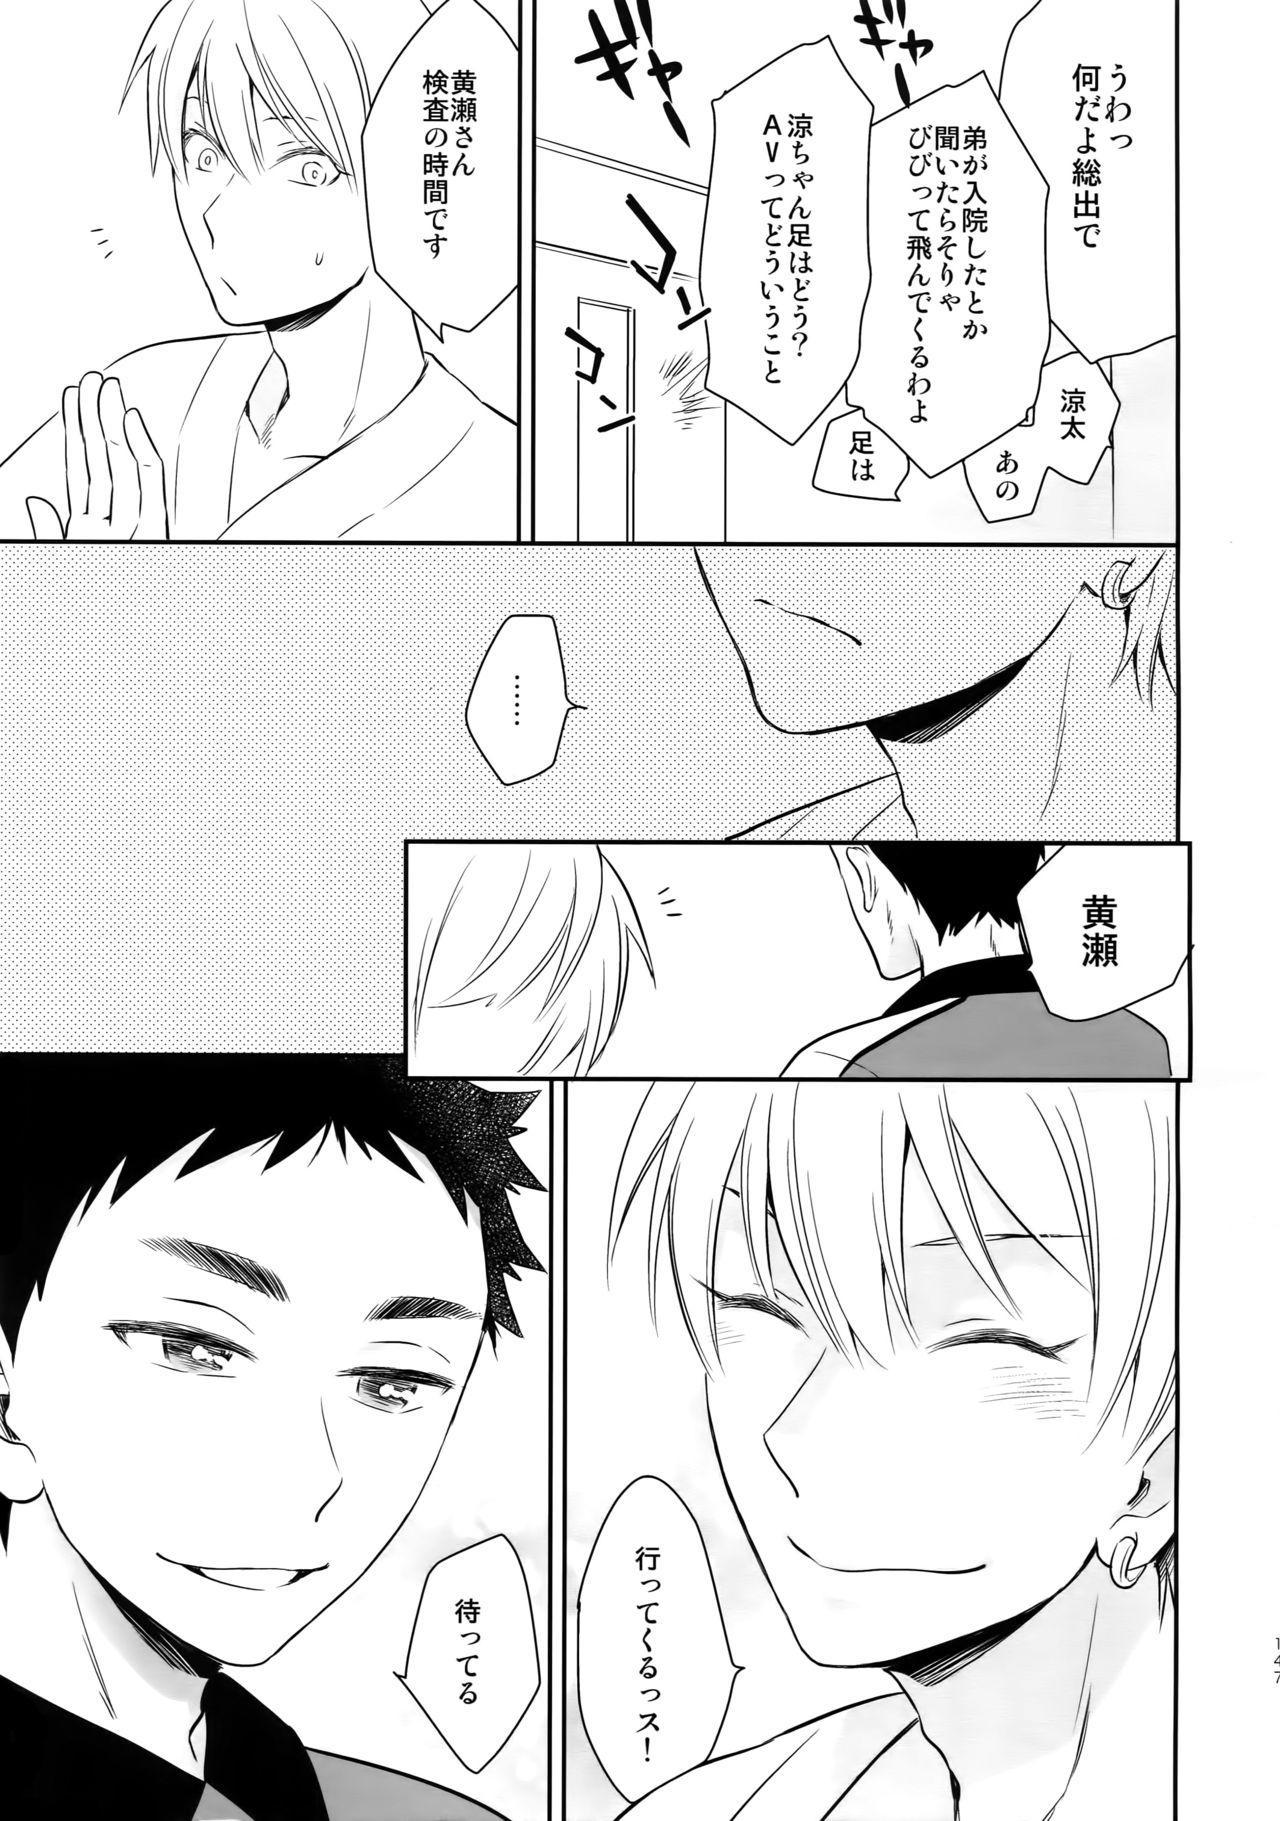 [Bakuchi Jinsei SP (Satsuki Fumi)] Kanpeki Kareshi to Zettai Ryouiki Ouji-sama - Another Version - (Kuroko no Basket) 145